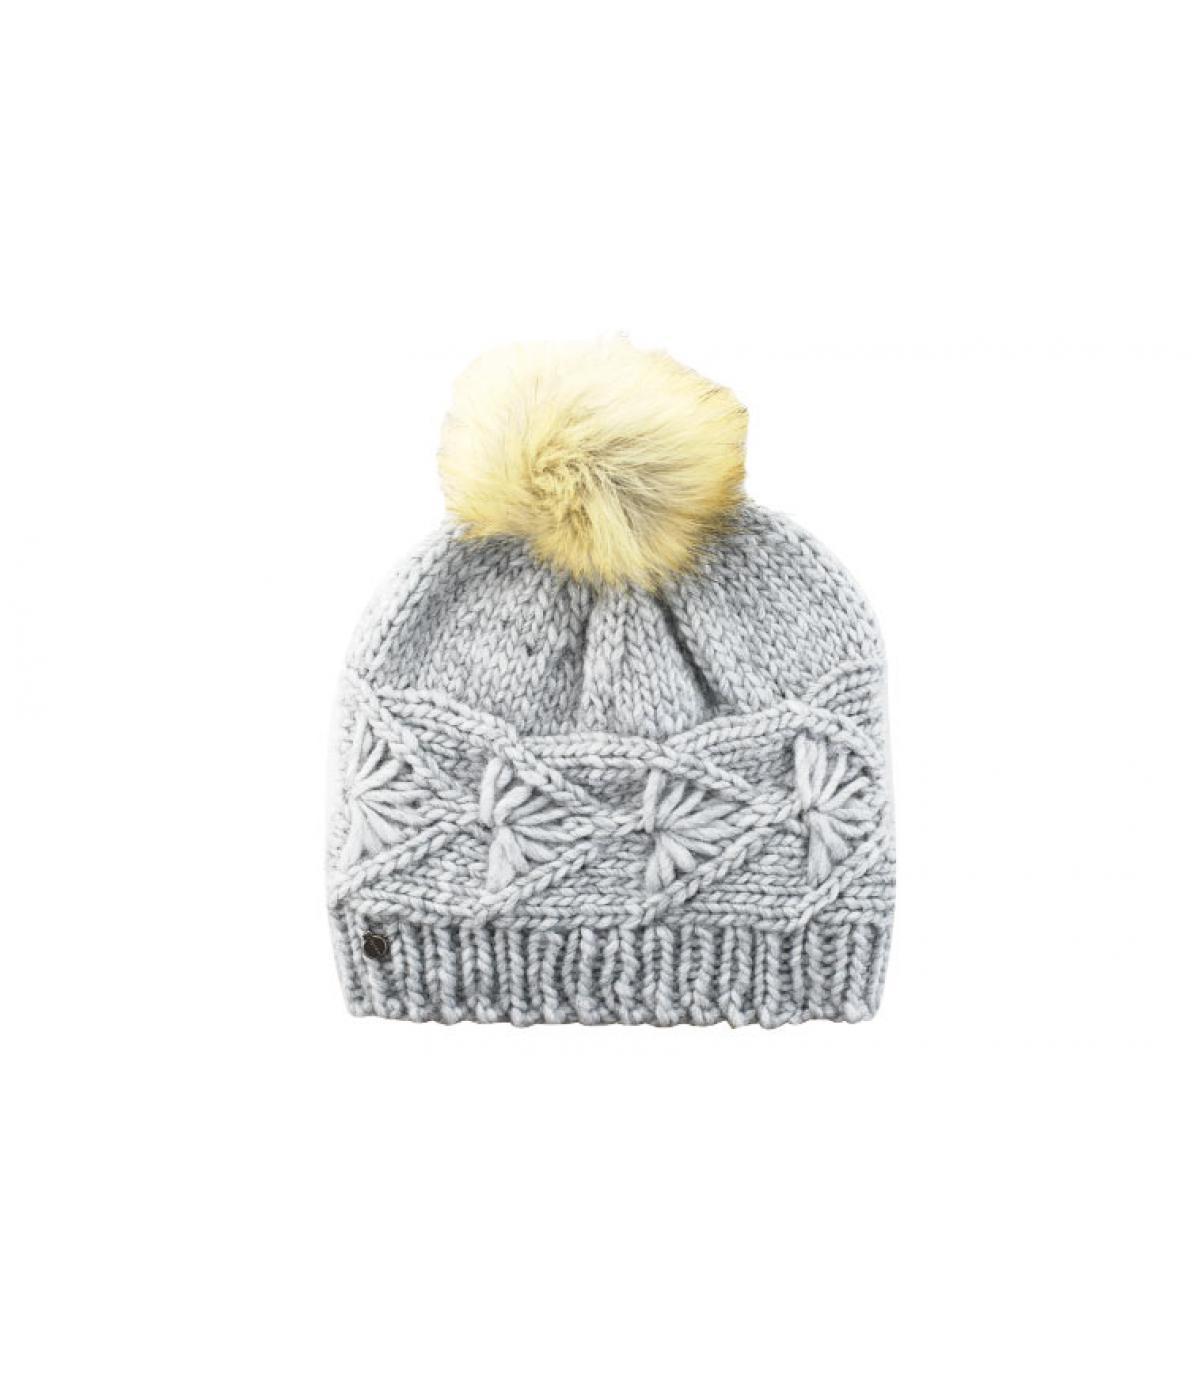 Mütze grau Zopfmuster Bommel